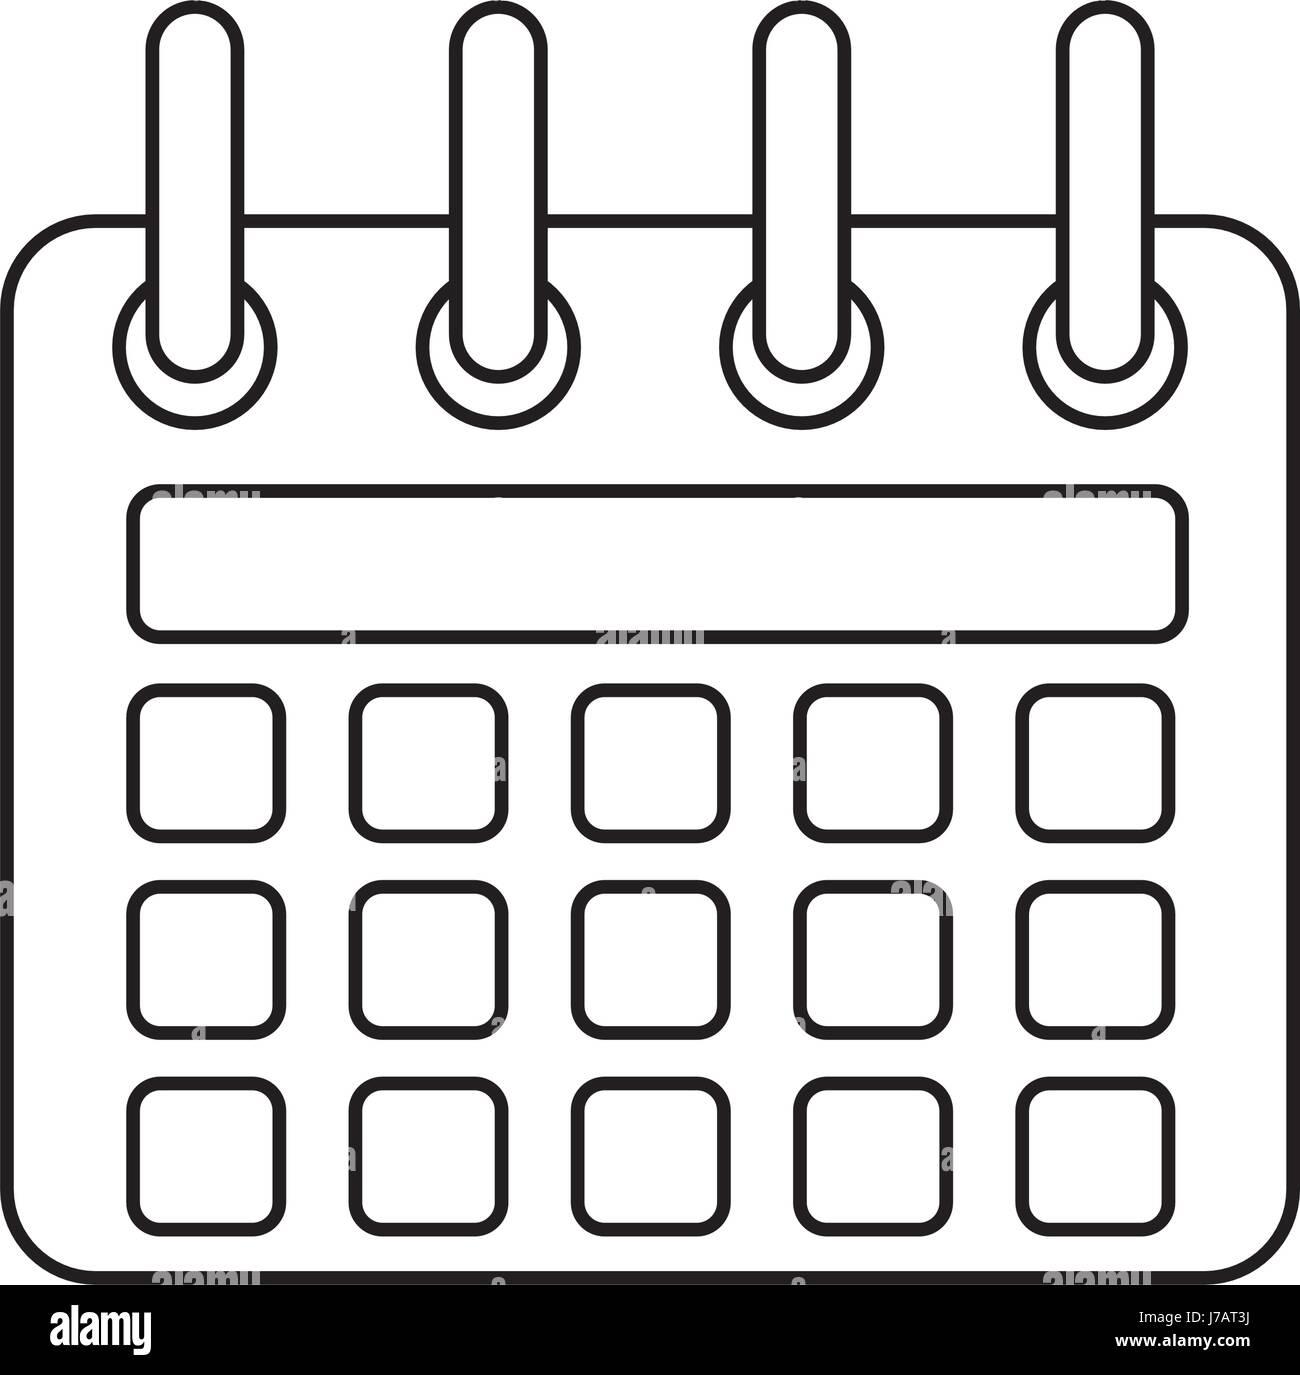 Simbolo Calendario.La Linea Del Calendario Icona Simbolo Di Design